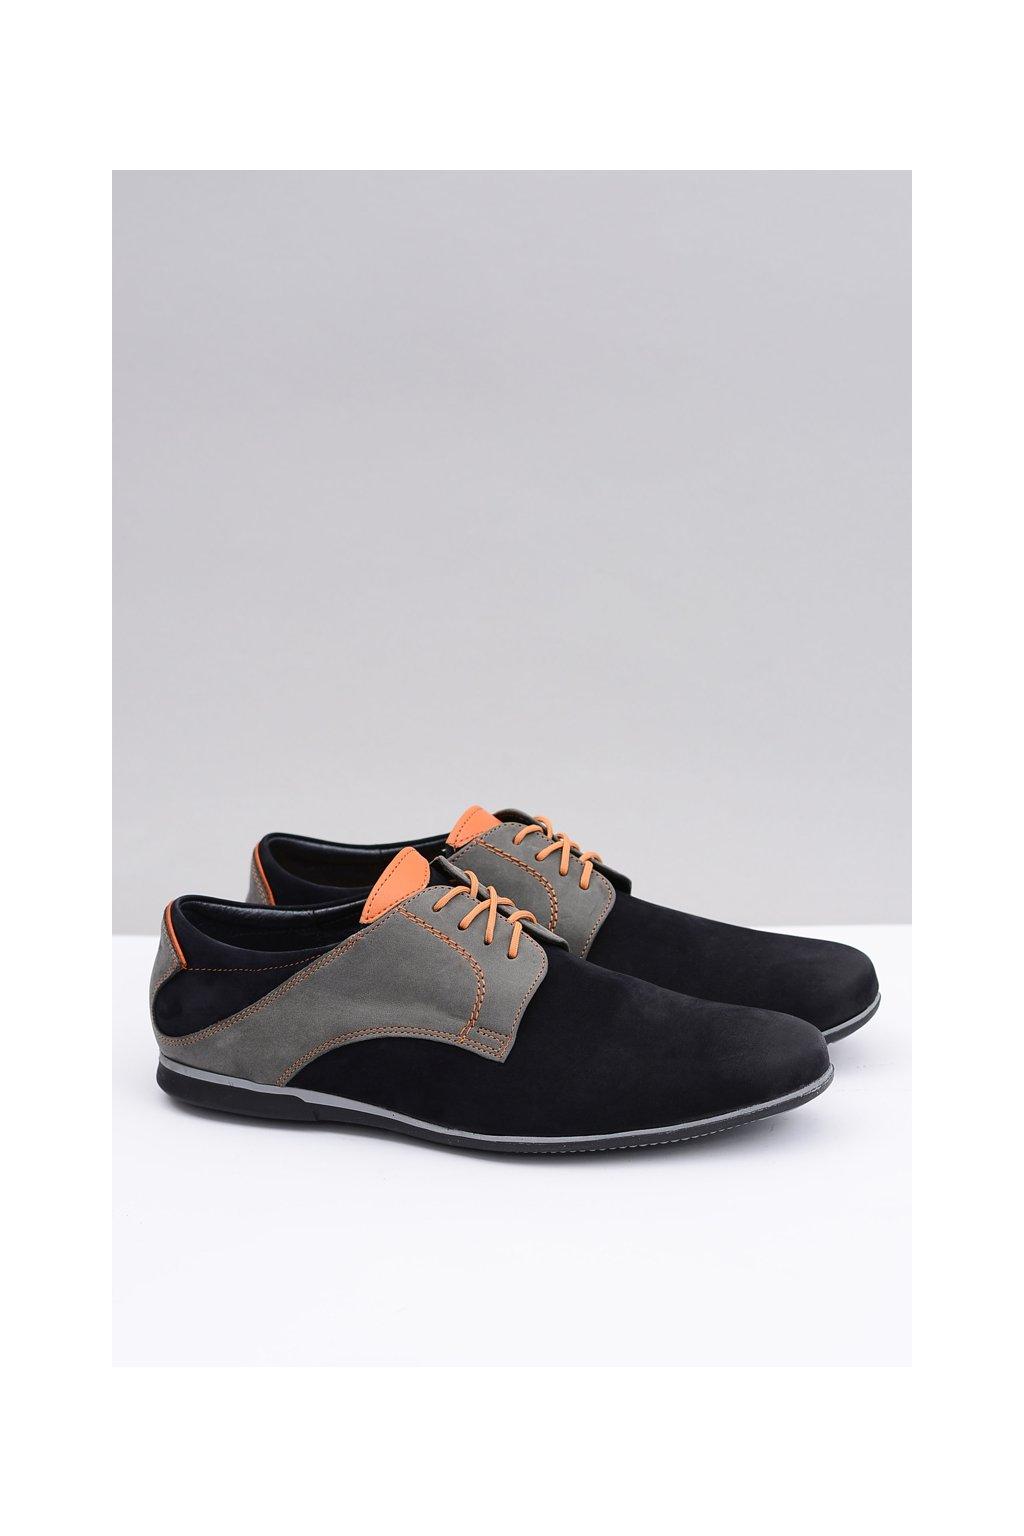 Pánska poľská kožená nízka obuv Carlin